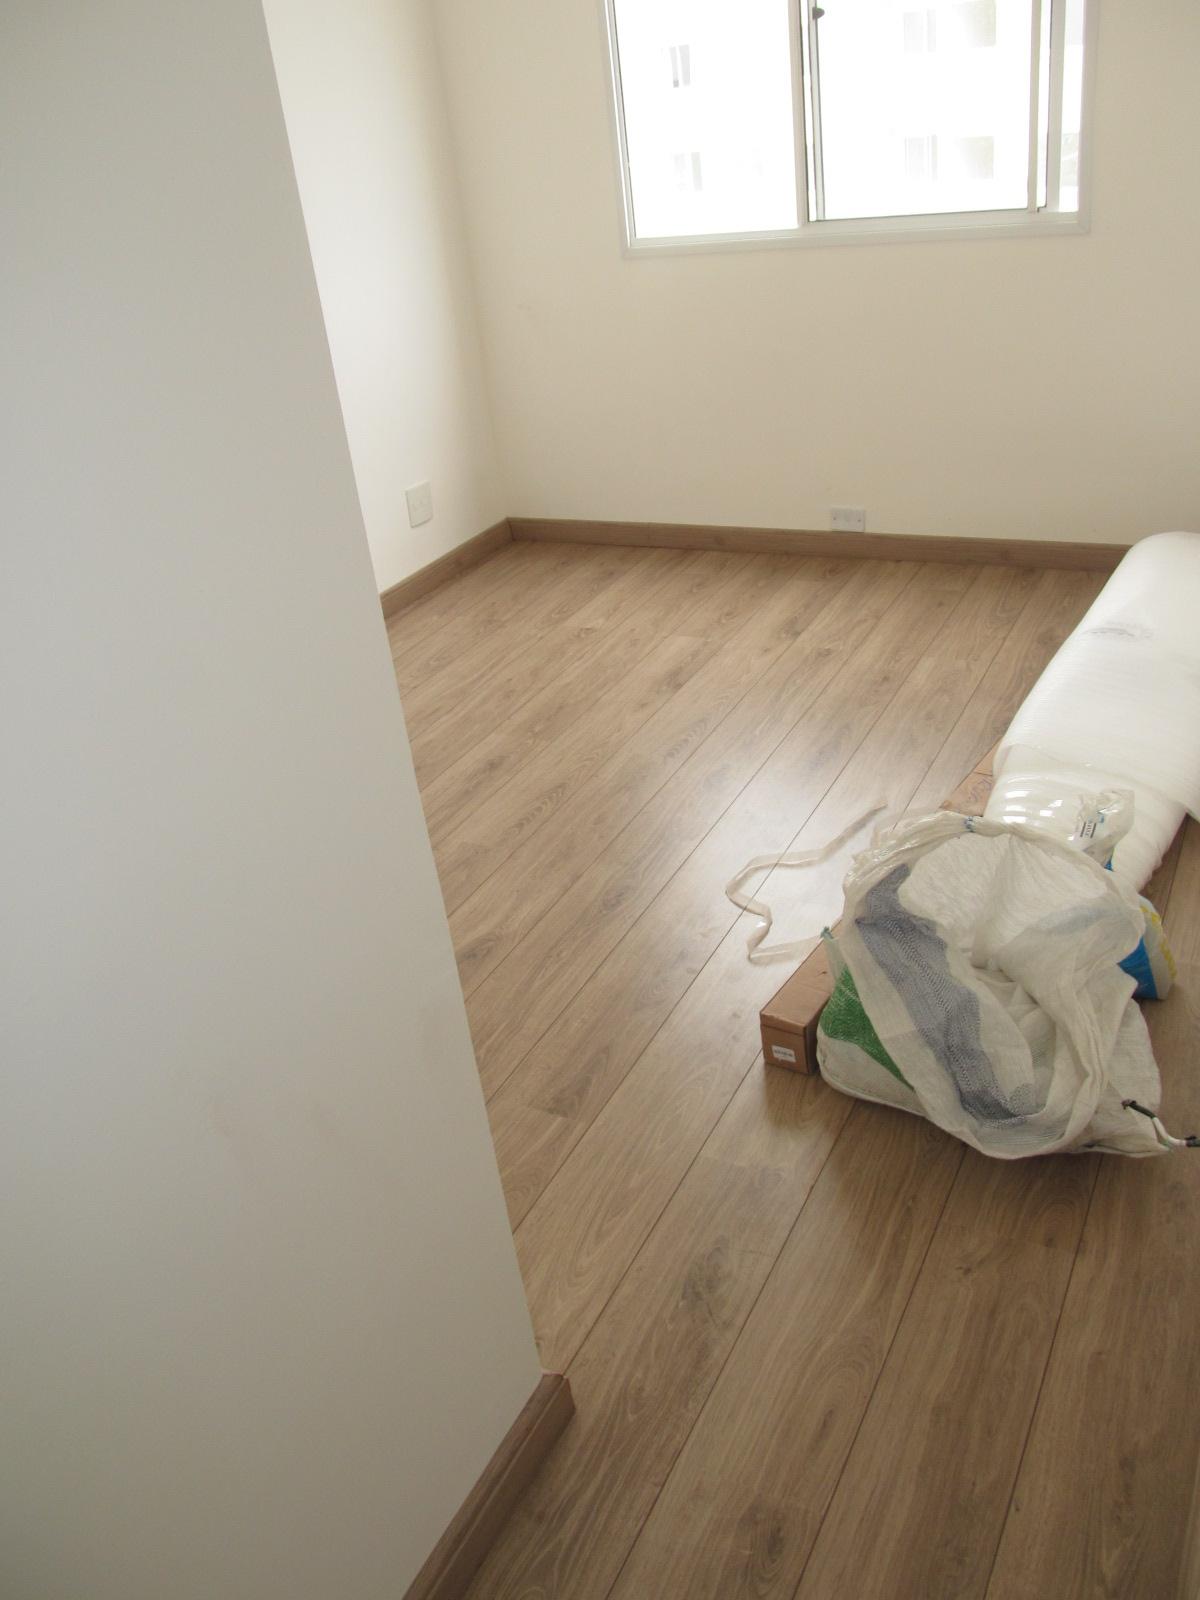 Piso laminado a saga do apartamento for Pisos para apartamentos pequenos